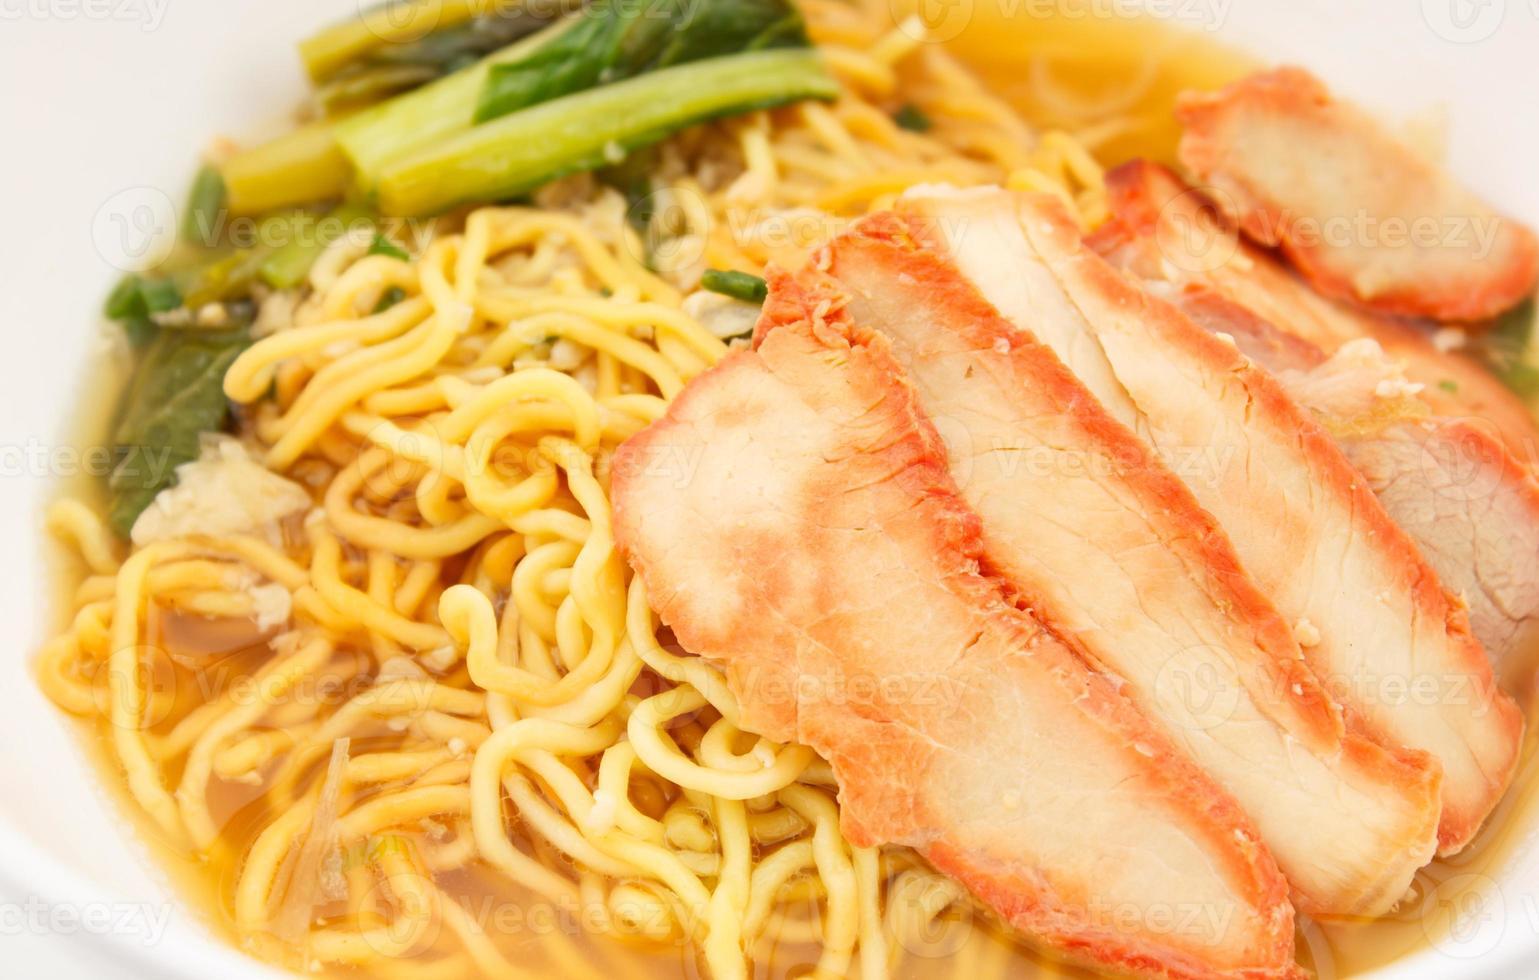 nouilles aux oeufs chinois avec du porc rouge dans la soupe photo